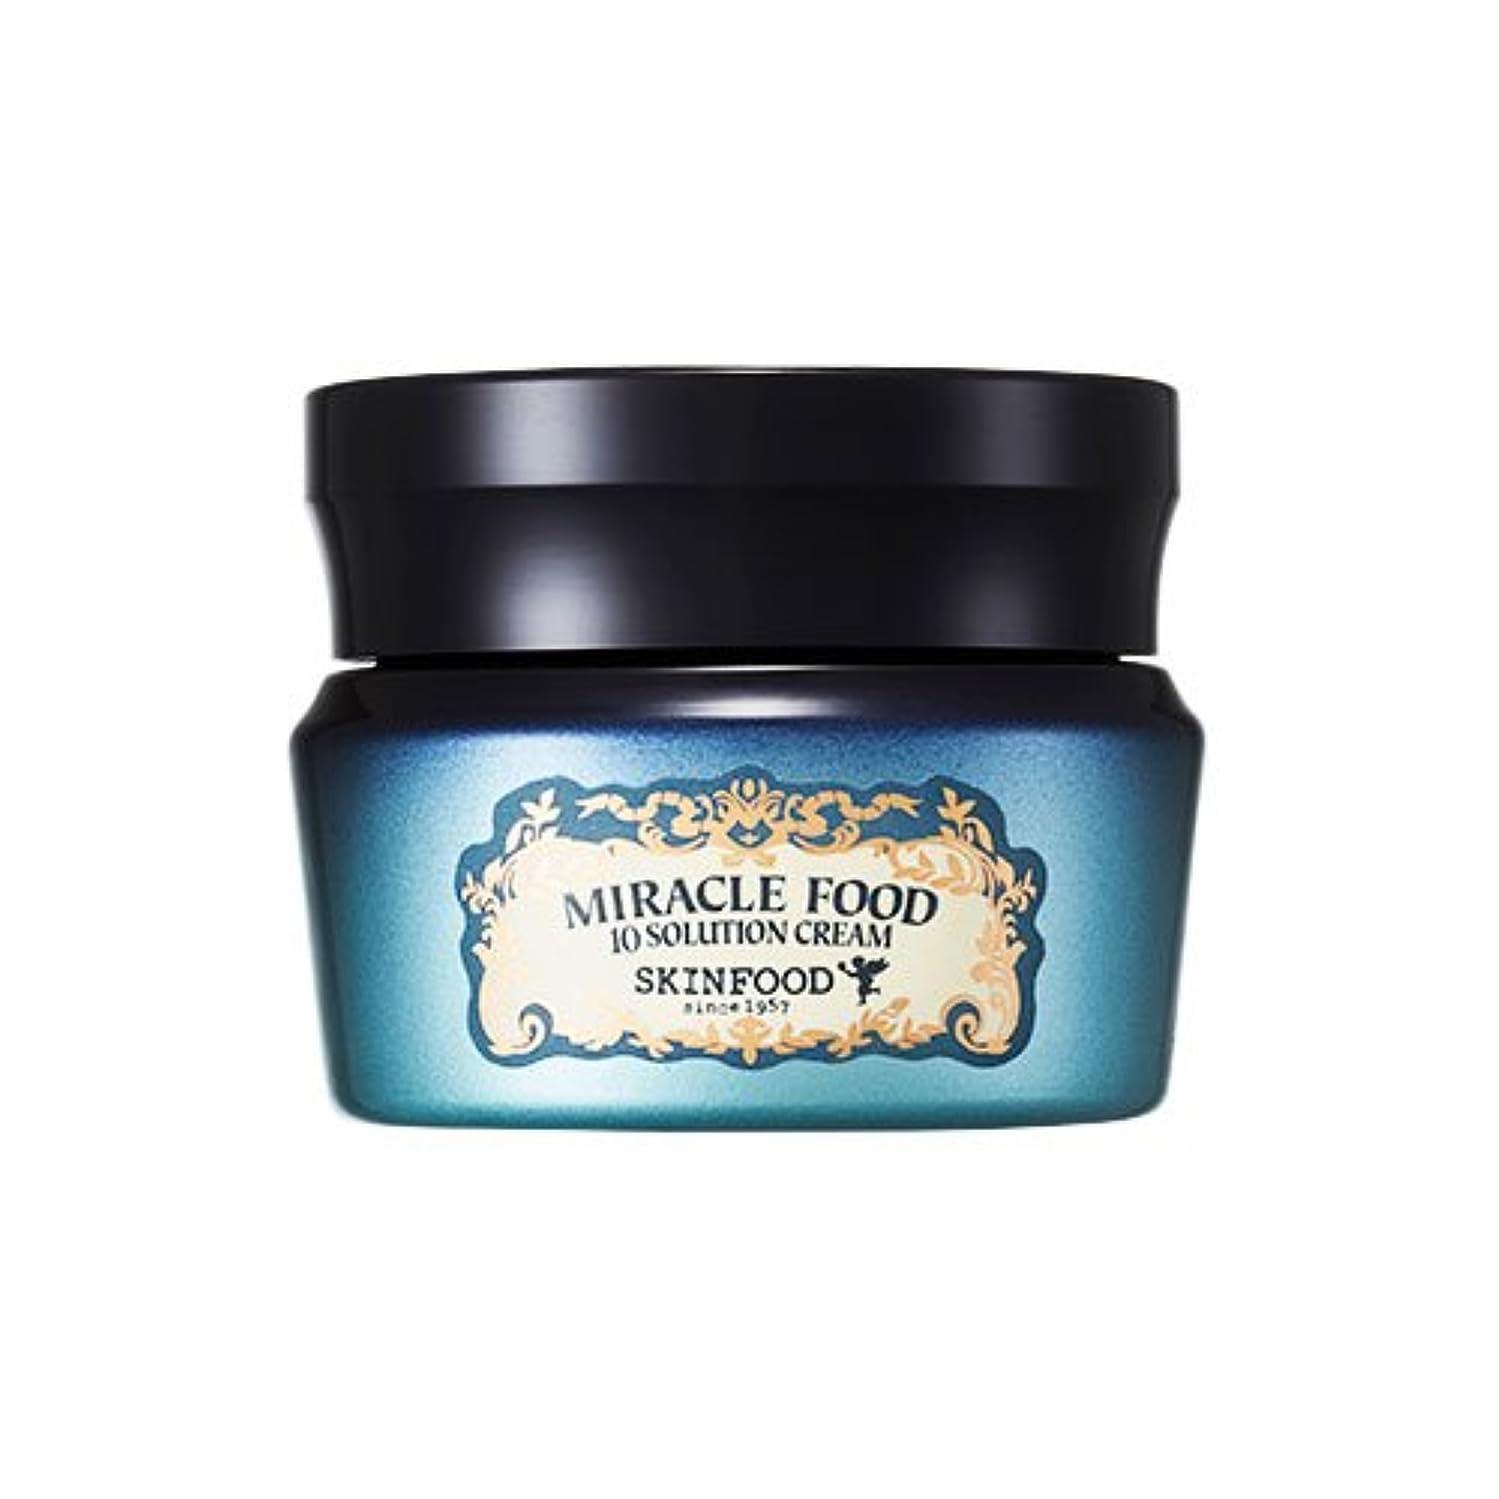 鈍いひどく名詞Skinfood ミラクルフード10ソリューションクリーム(美白効果としわ防止効果) / Miracle Food 10 Solution Cream (Skin-Brightening and Anti-Wrinkle...